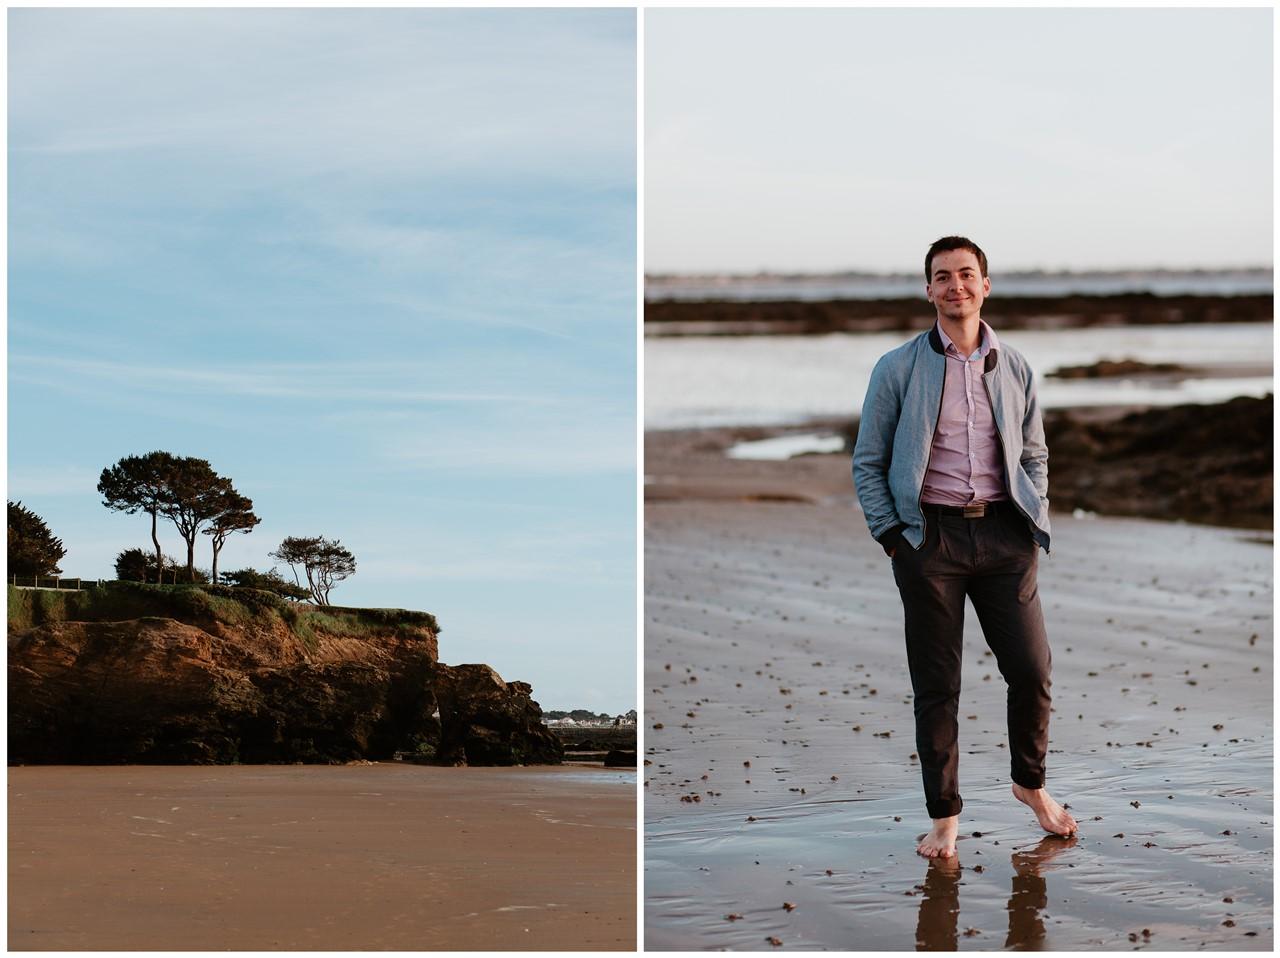 séance engagement plage mer pornic portrait homme paysage